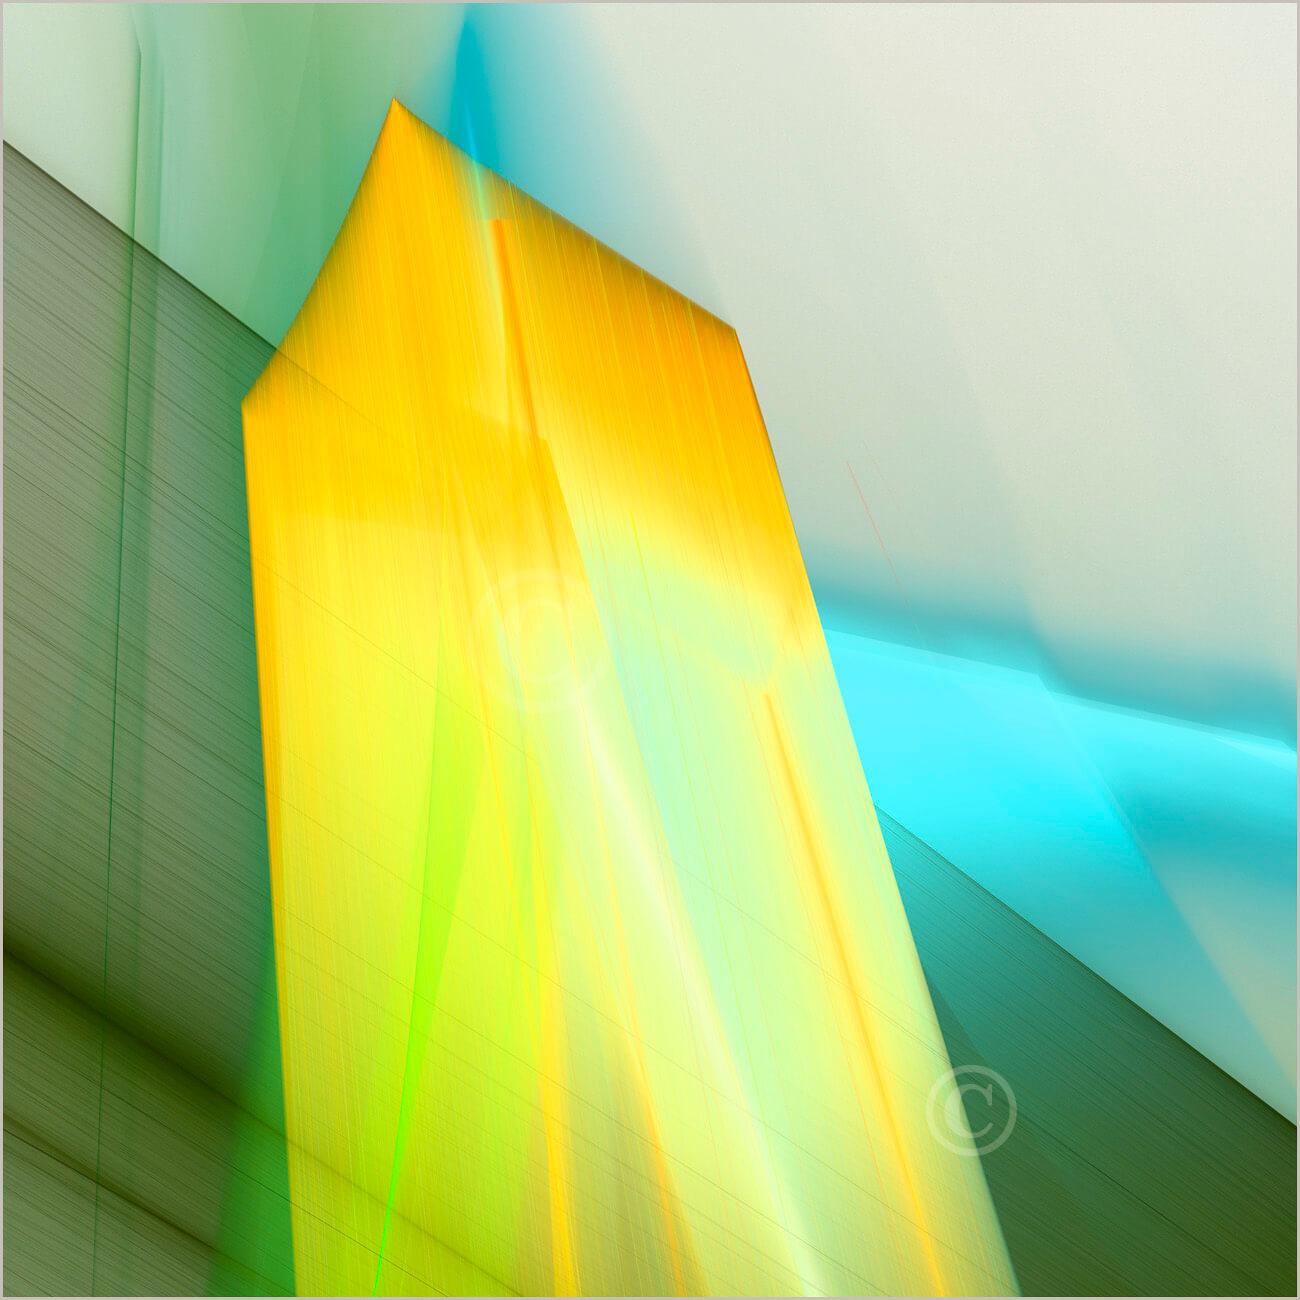 Colorshapes_F2_2907_M